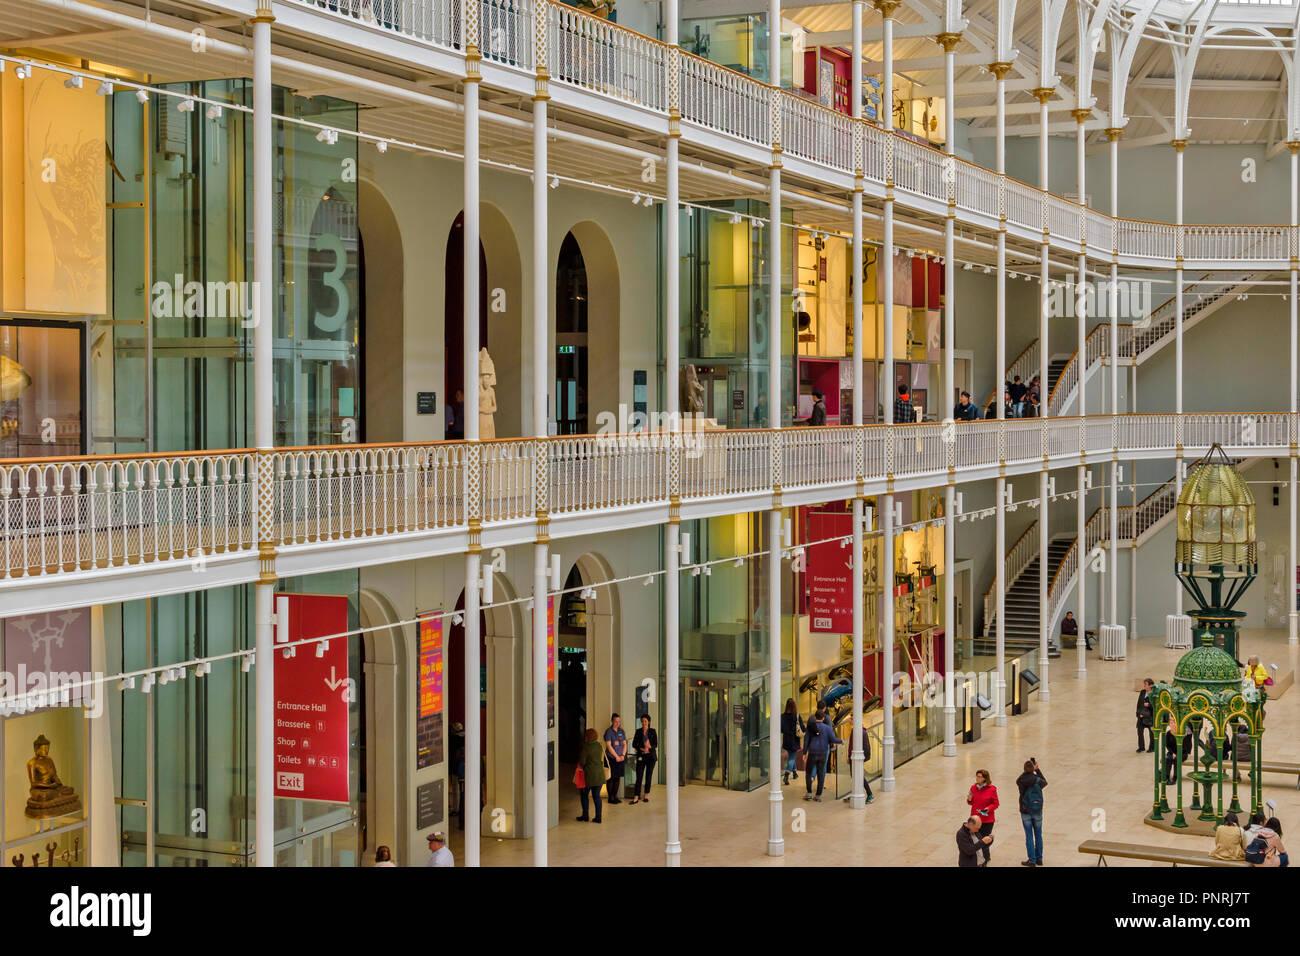 Musée NATIONAL D'ECOSSE EDIMBOURG ECOSSE intérieur avec deux balcons Photo Stock